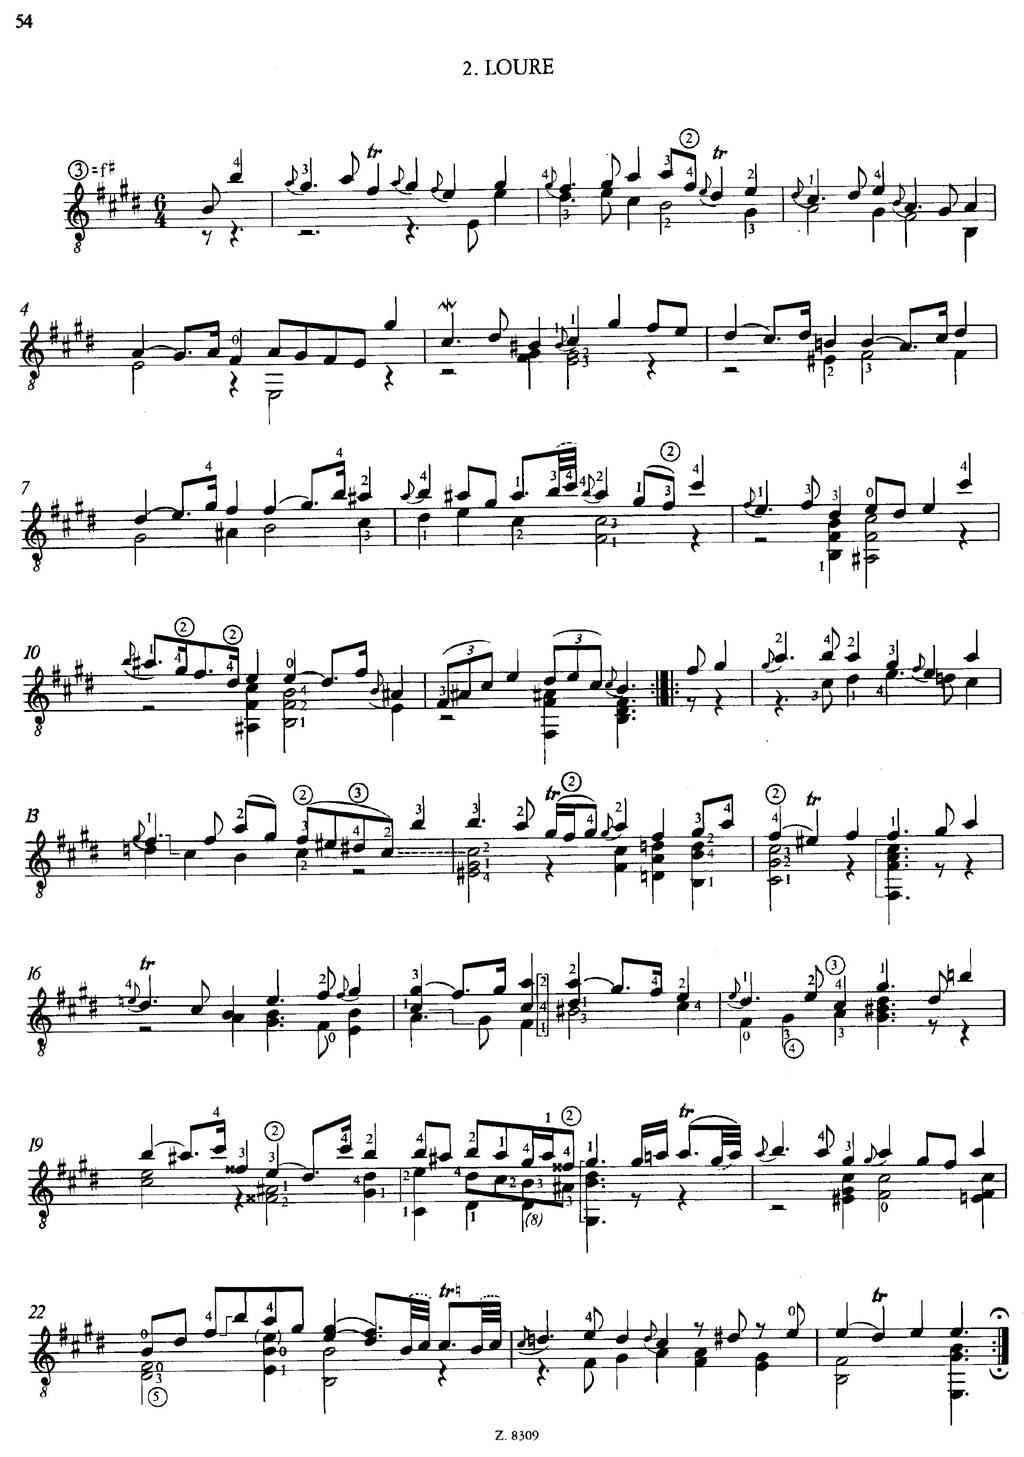 路尔舞曲,巴赫无伴奏小提琴奏鸣曲与组曲 1006a